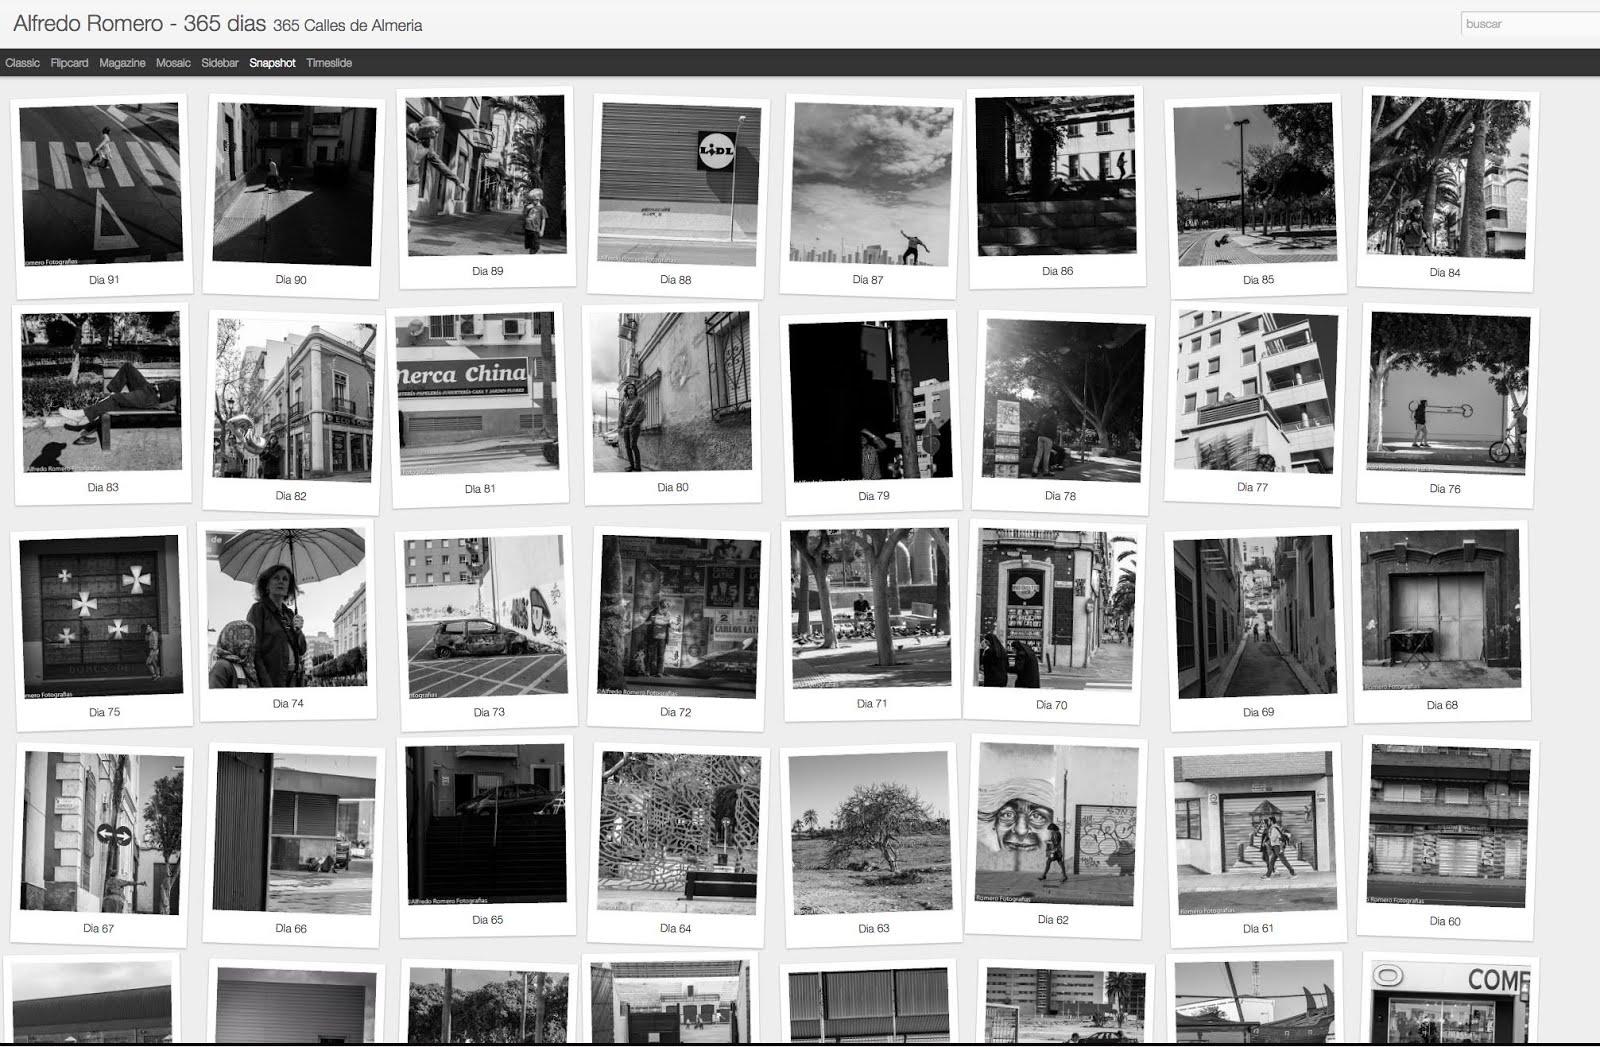 365 dias -365 calles de Almeria